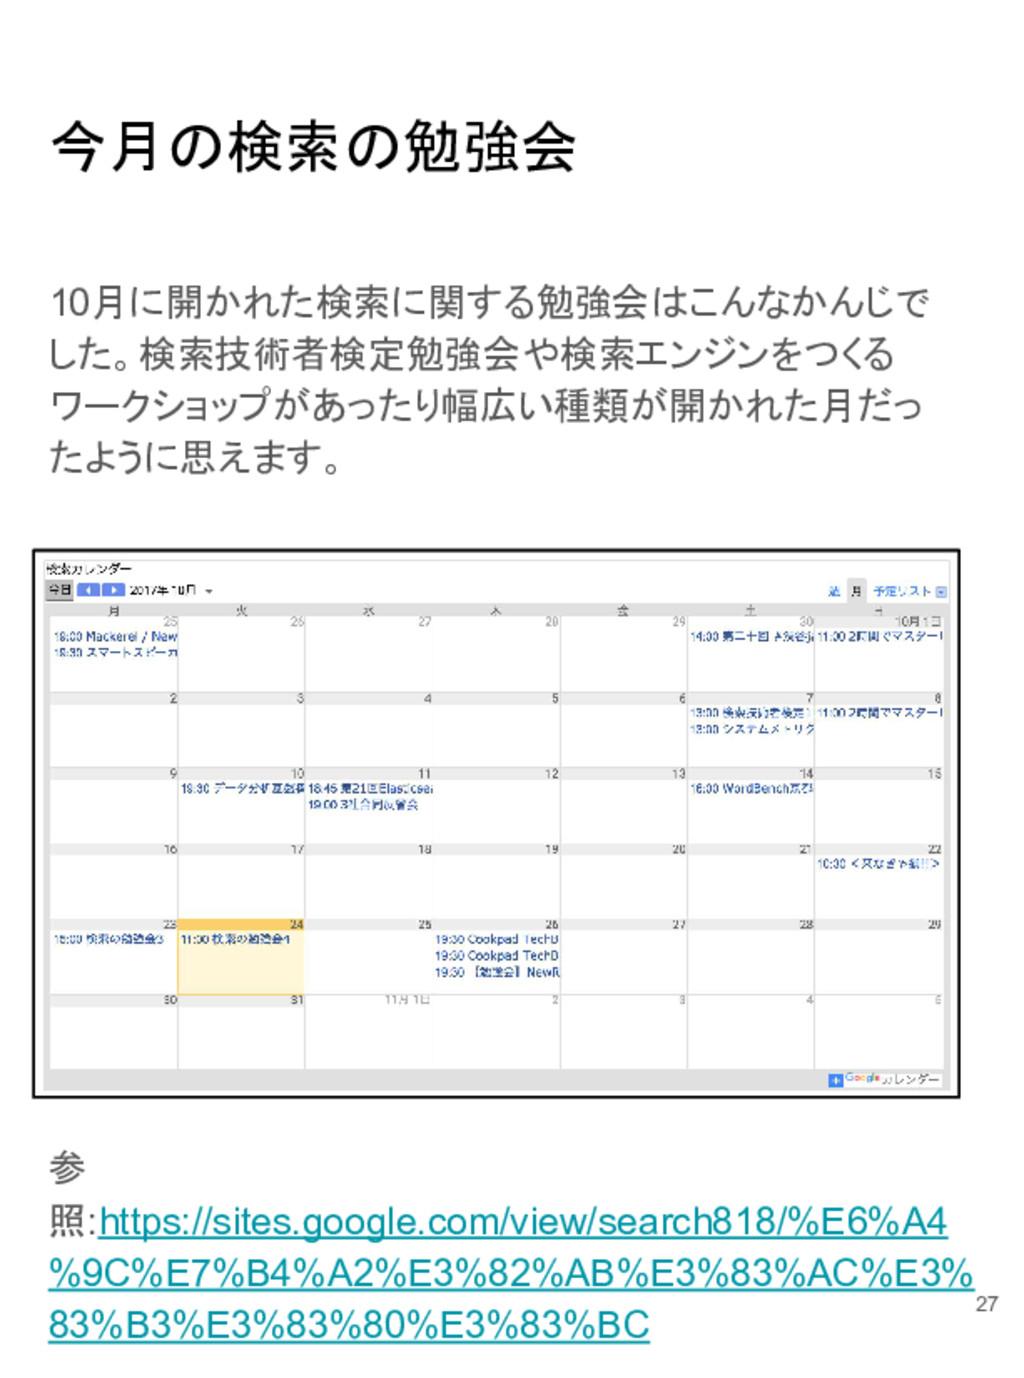 今月の検索の勉強会 10月に開かれた検索に関する勉強会はこんなかんじで した。検索技術者検定勉...